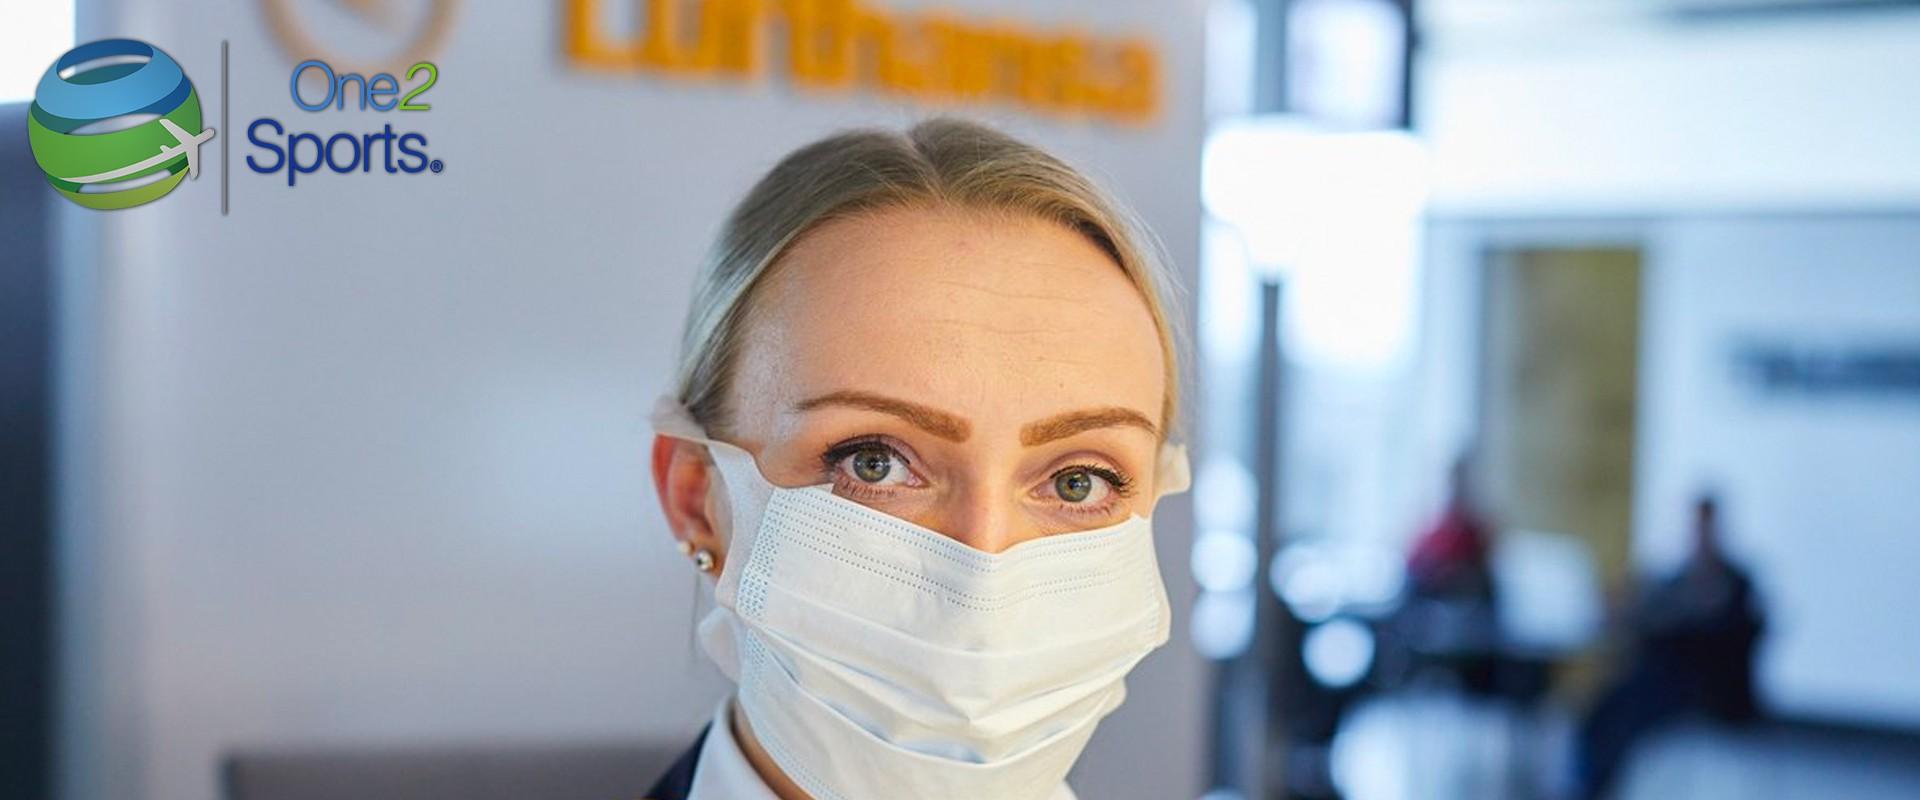 Las líneas aéreas de Lufthansa Group actualizan los requisitos de uso de las máscaras protectoras